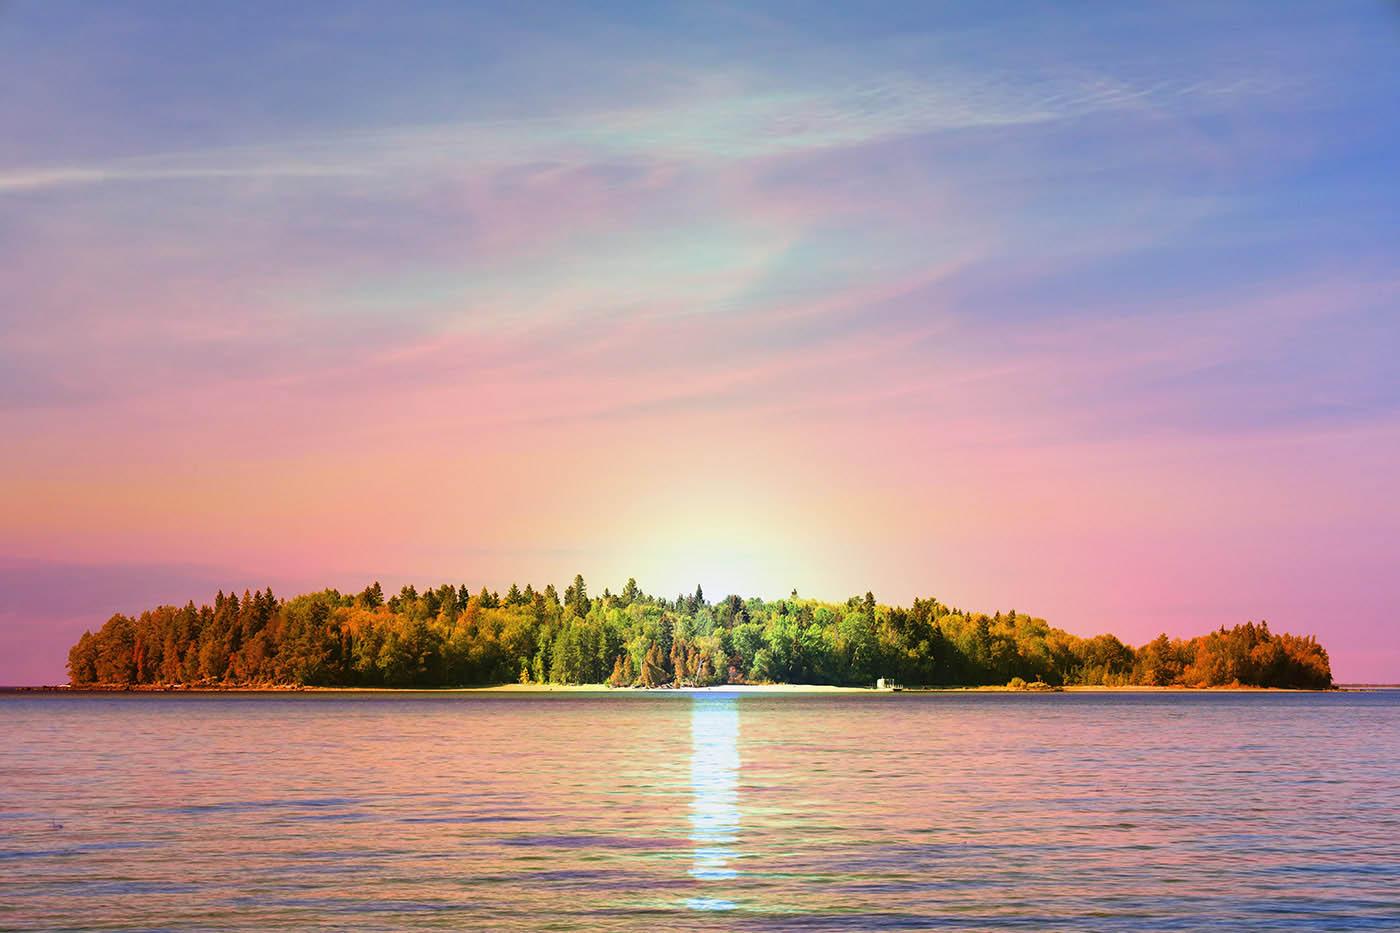 Ile sur le lac St-Jean - photo stock